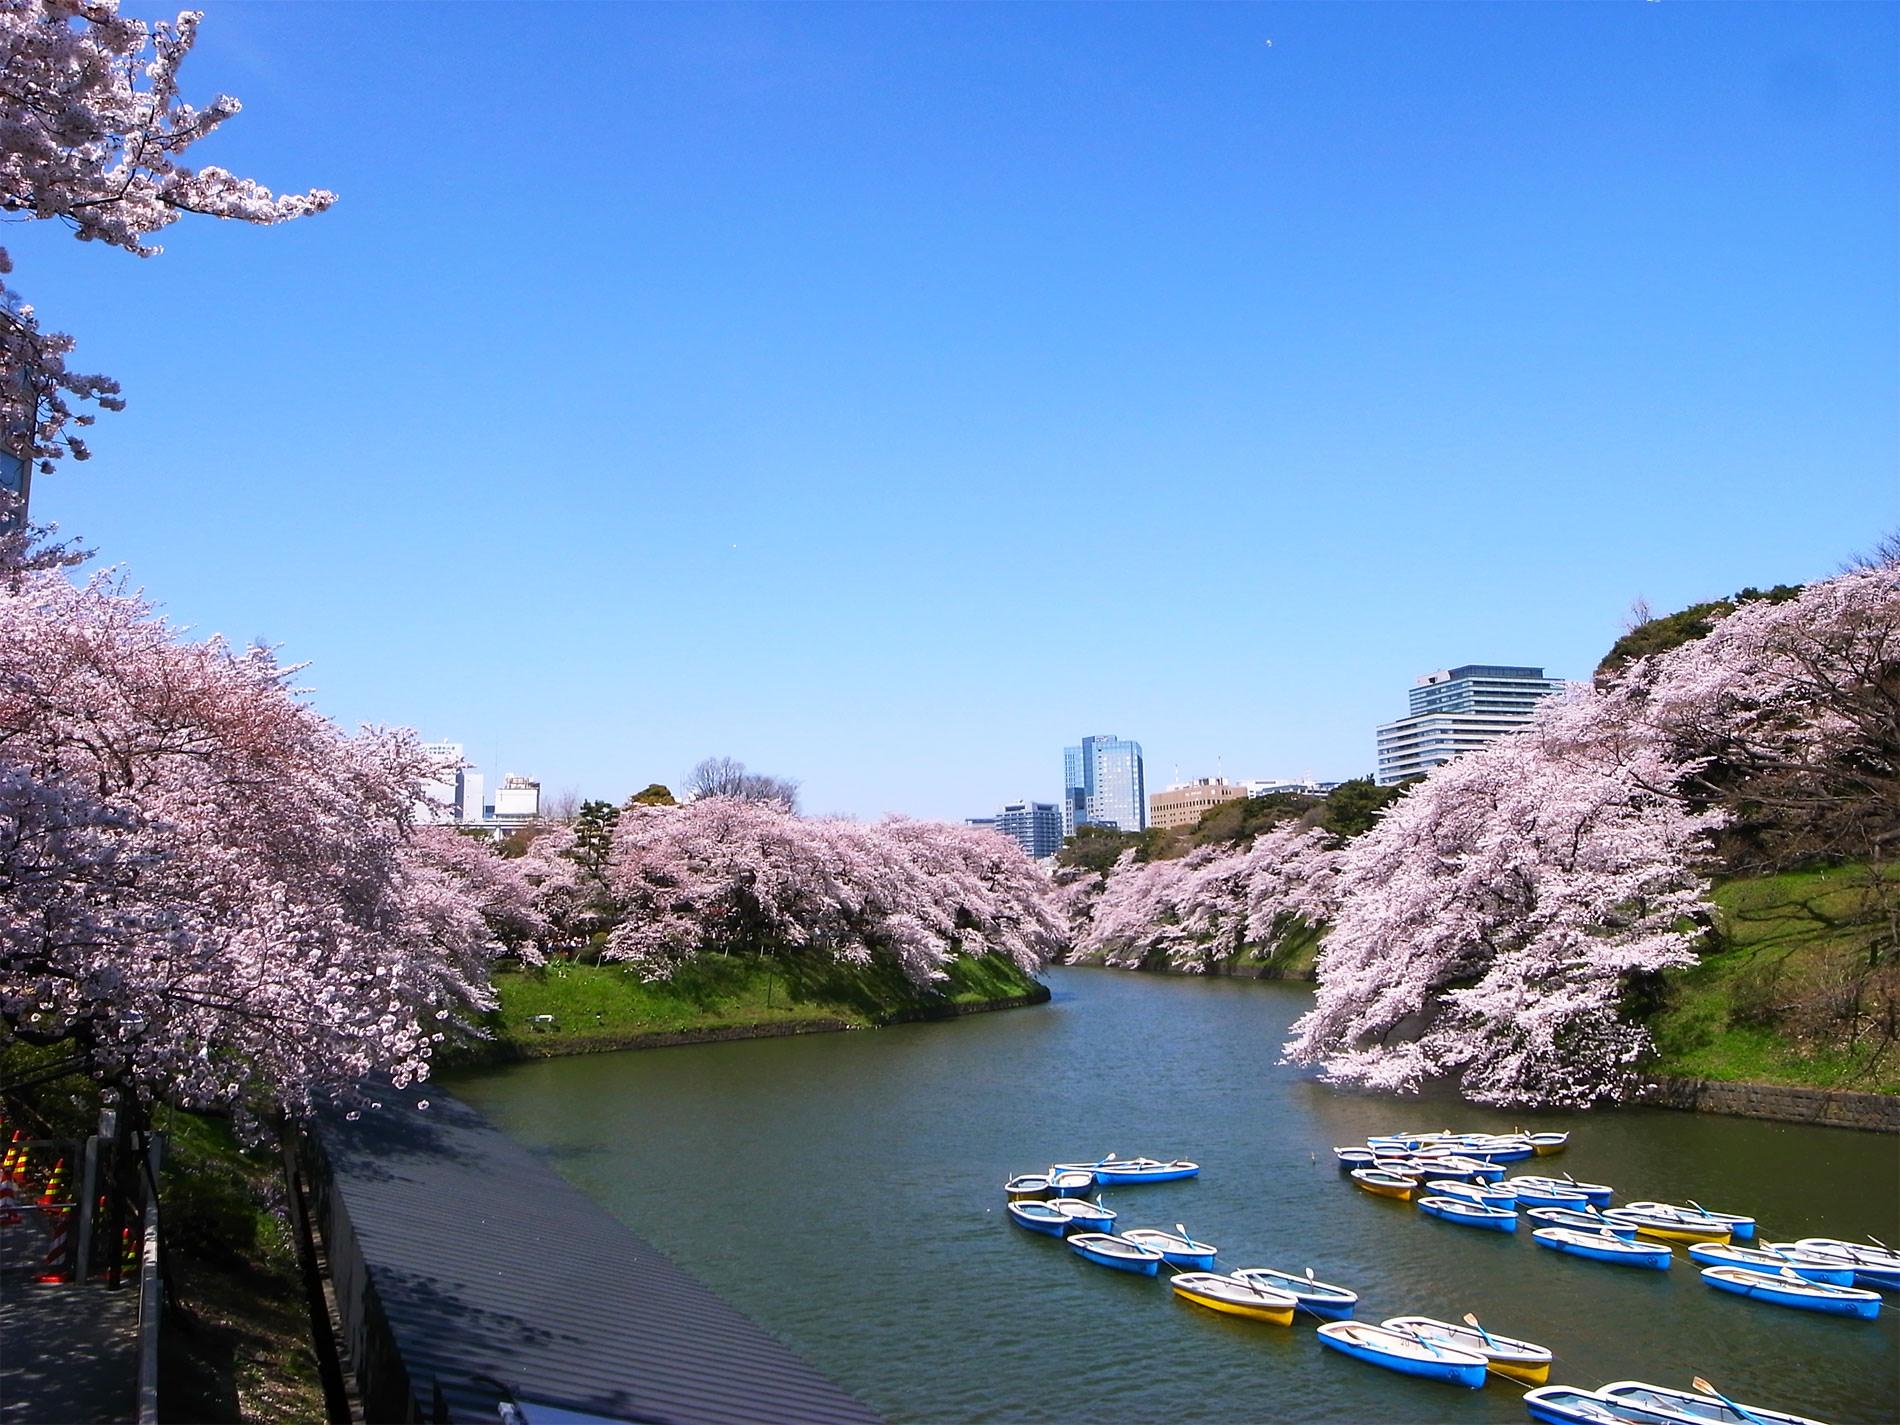 桜_千鳥ヶ淵_2015 | Sakura, Chidorigahuchi, Tokyo in 2015